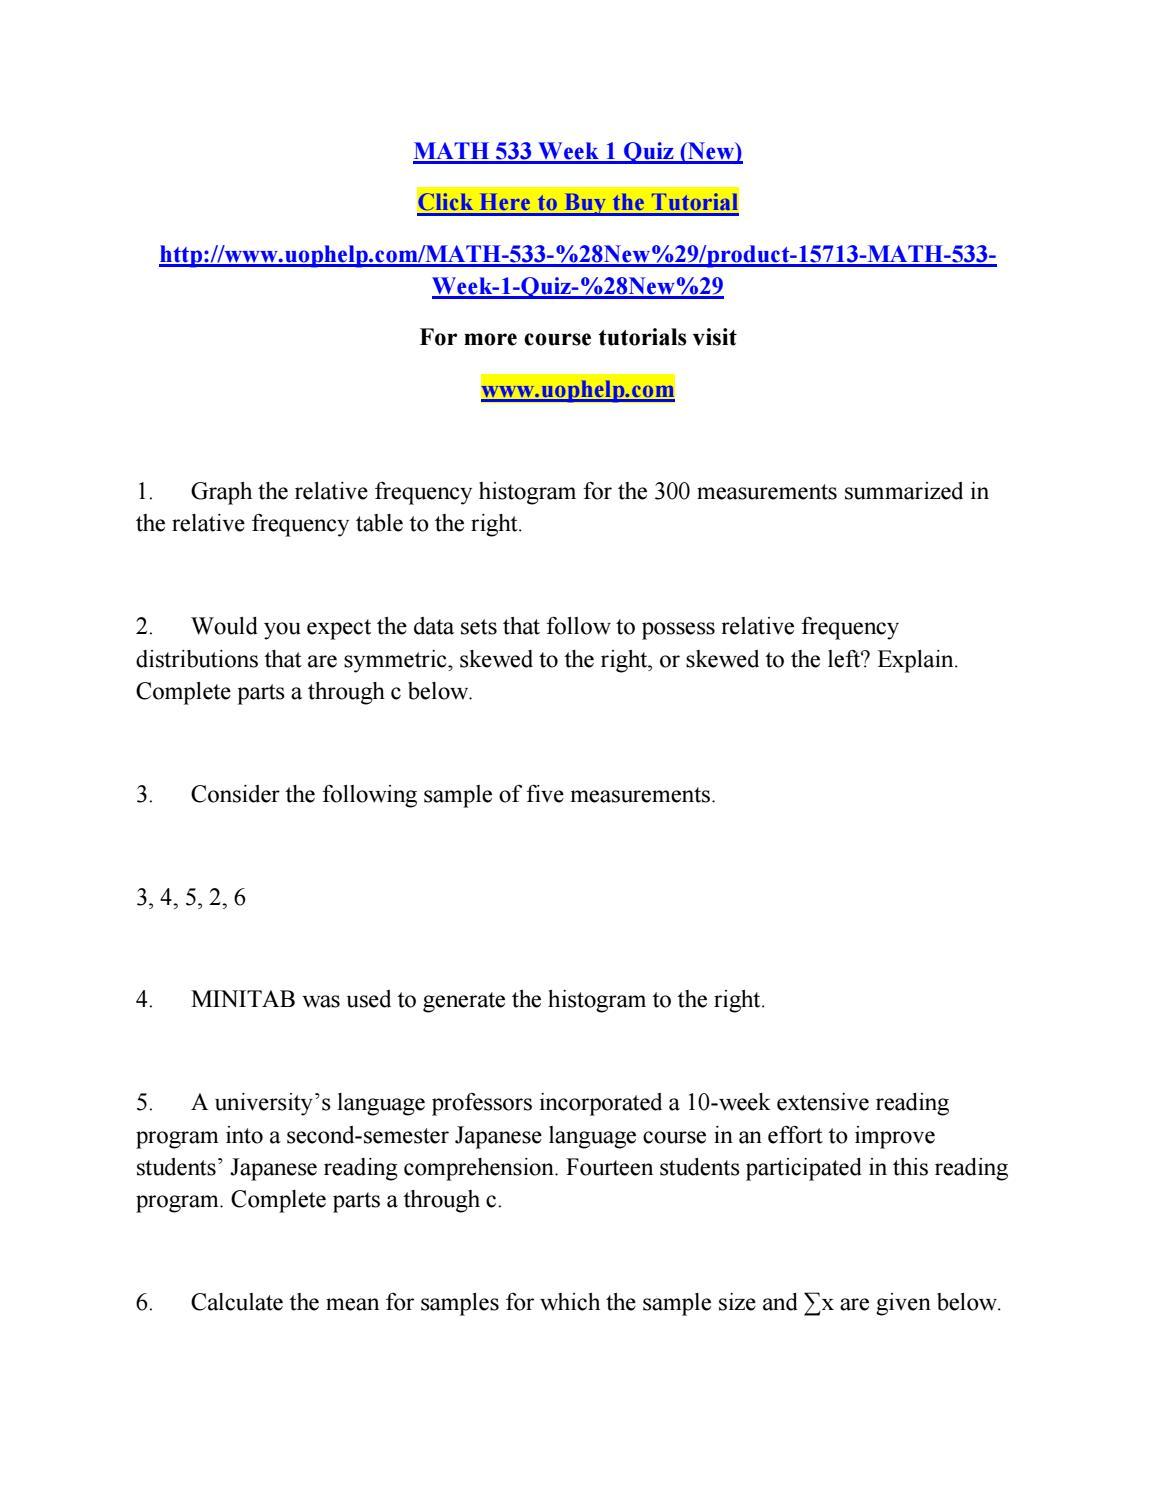 Math 533 week 1 quiz by kjtr - issuu